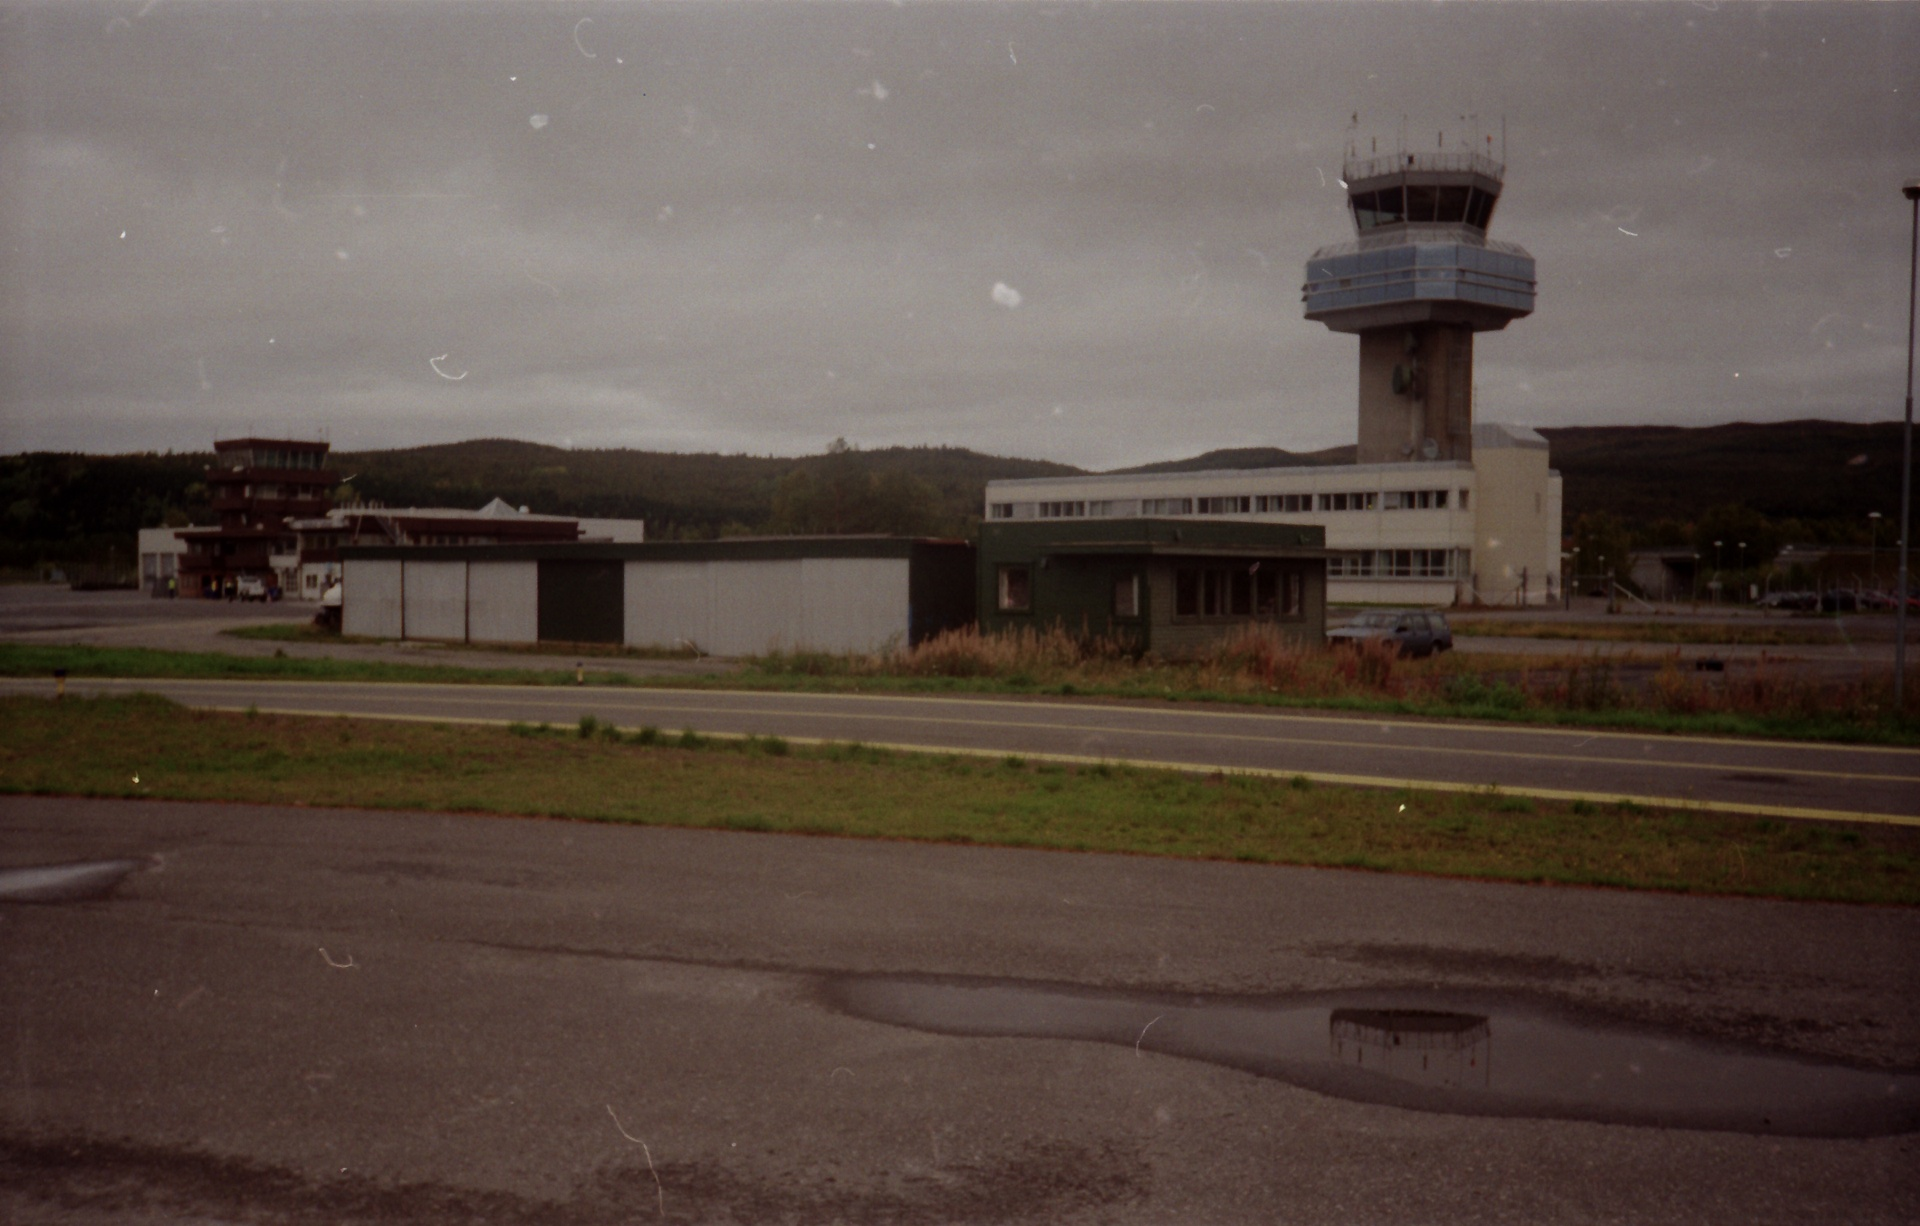 Bardufoss flyklubb hangar og klubbhus